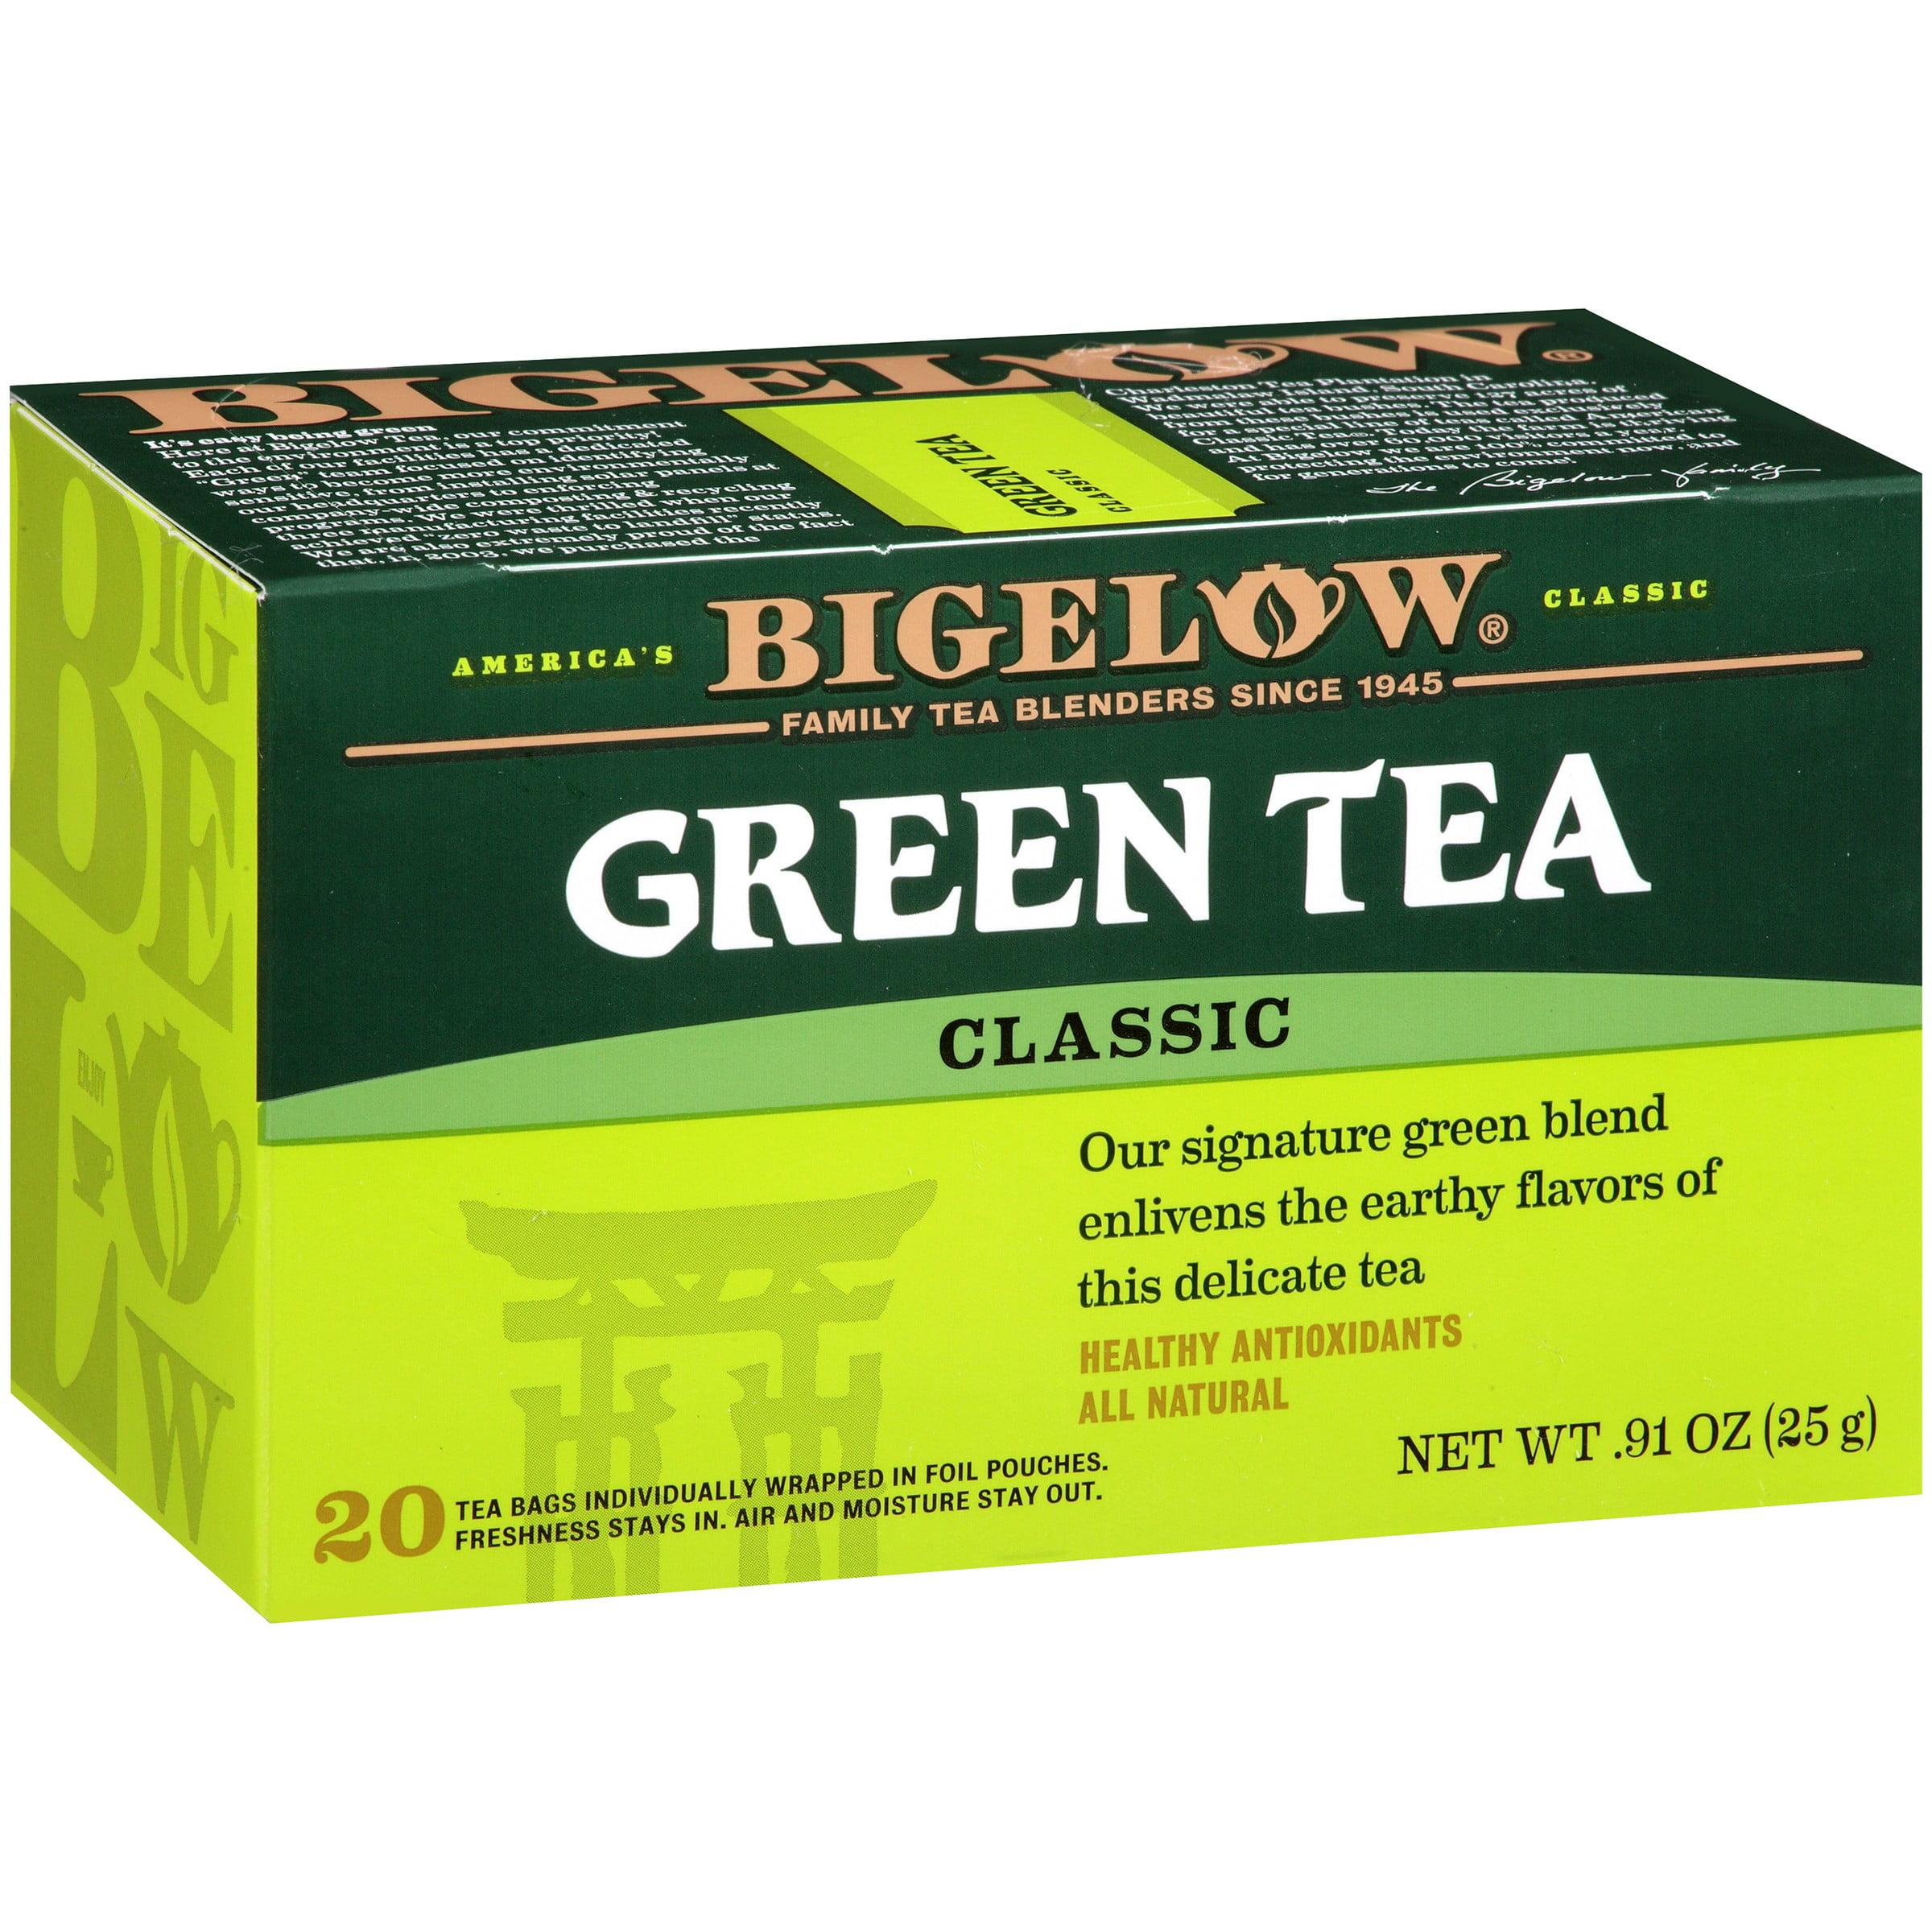 Bigelow Green Tea Bags, 20 ct by RC Bigelow, Inc.©